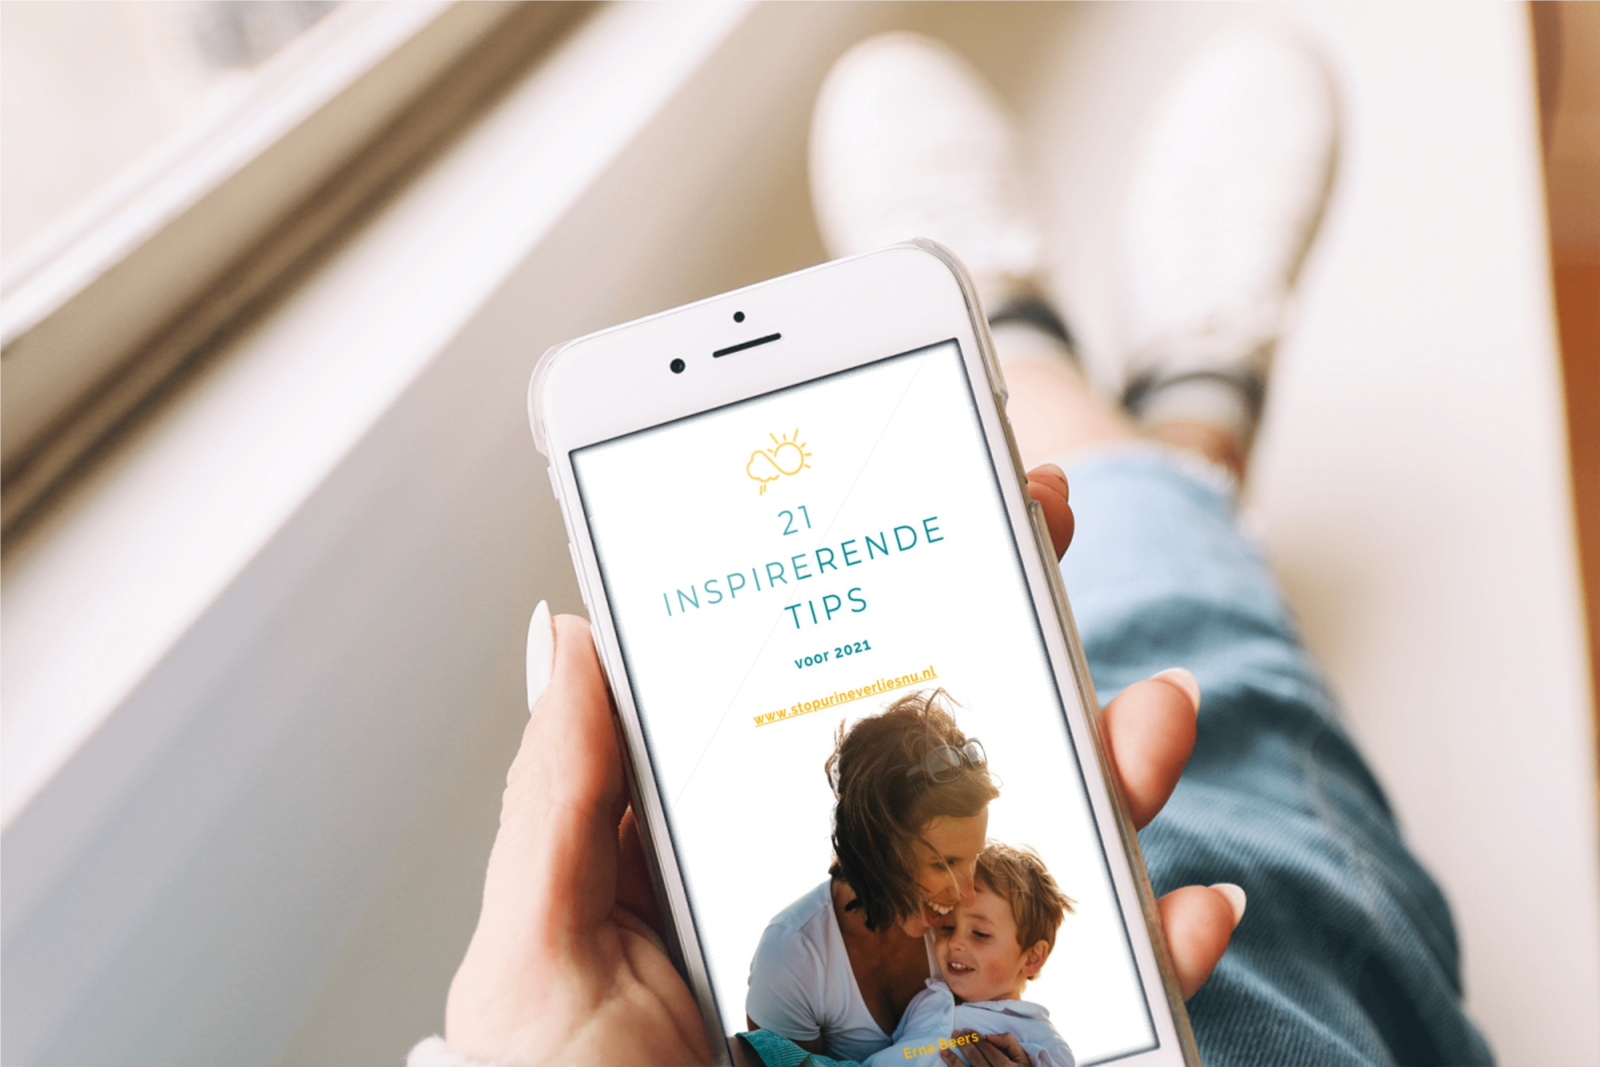 21 tips voor 2021 e-boek op smart phone